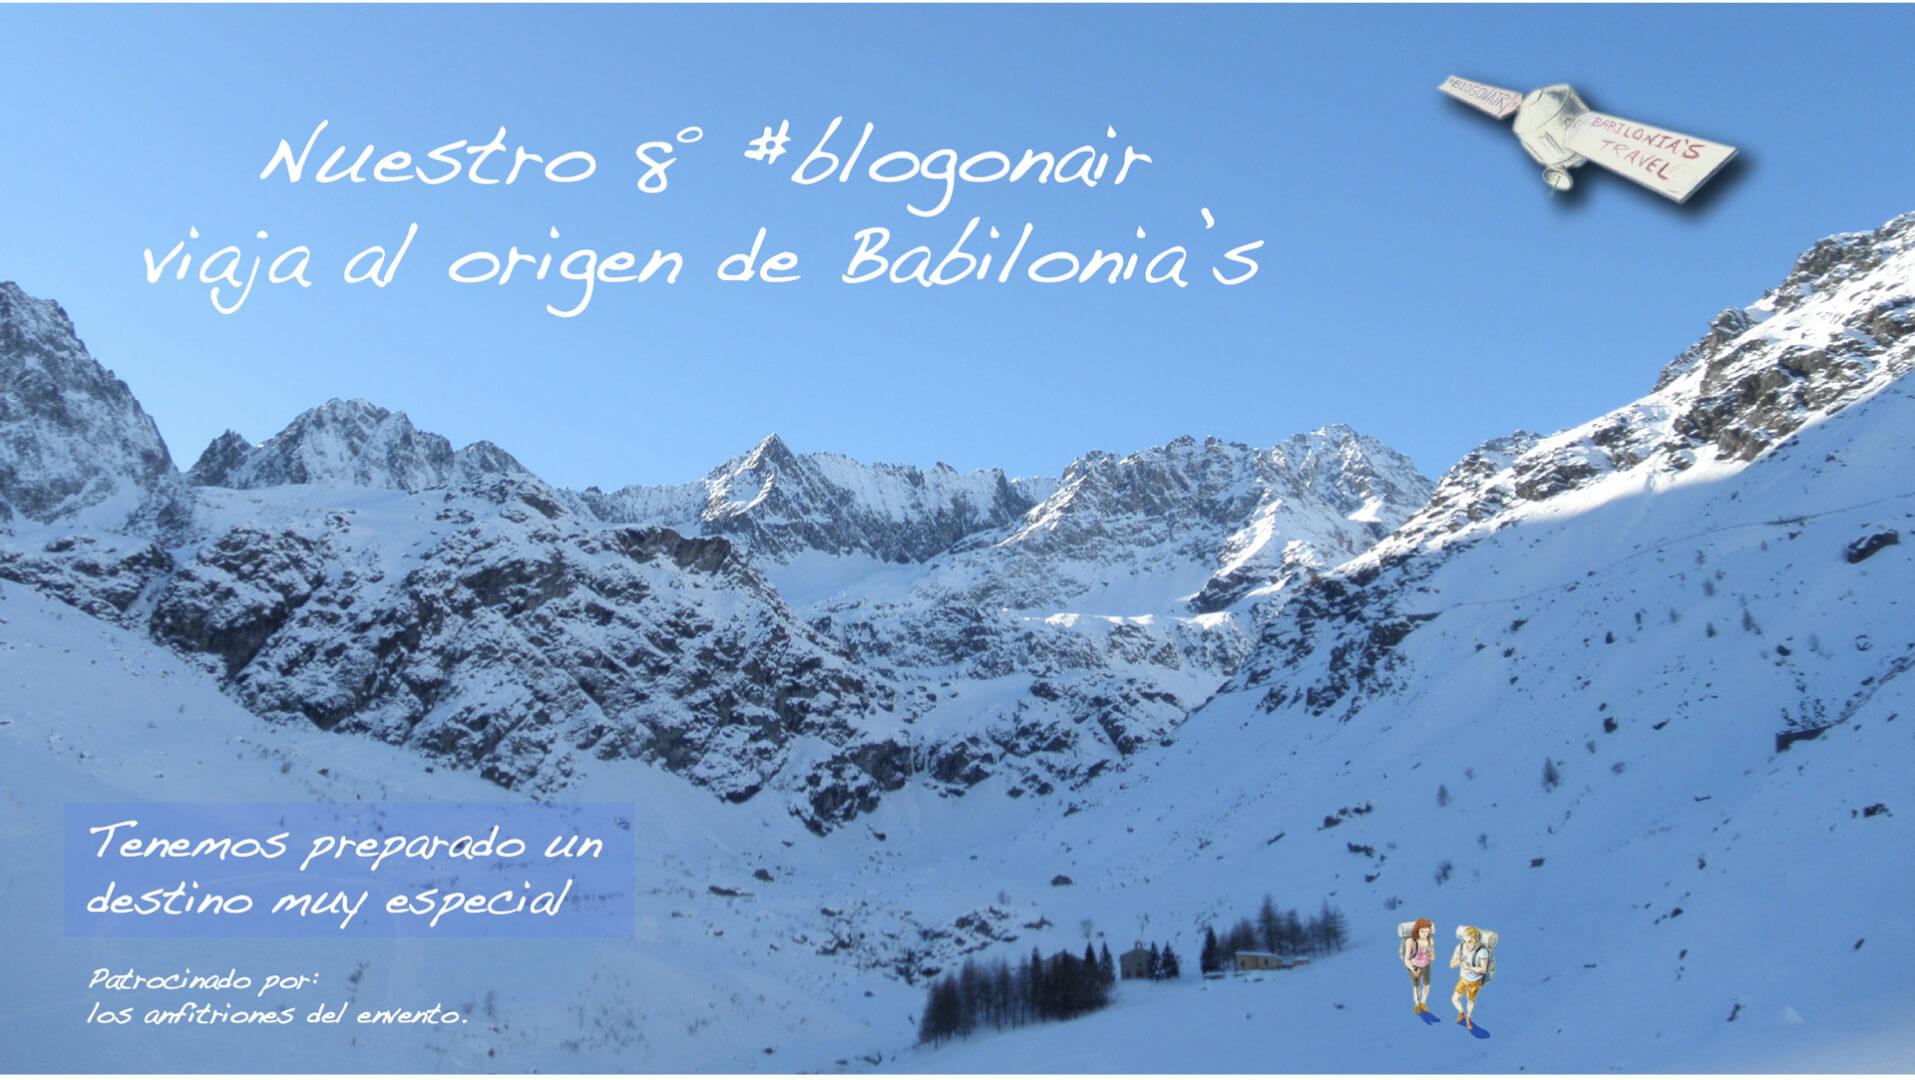 Un 8º #blogonair Al Origen De Babilonia's Travel (y Mucho Más)